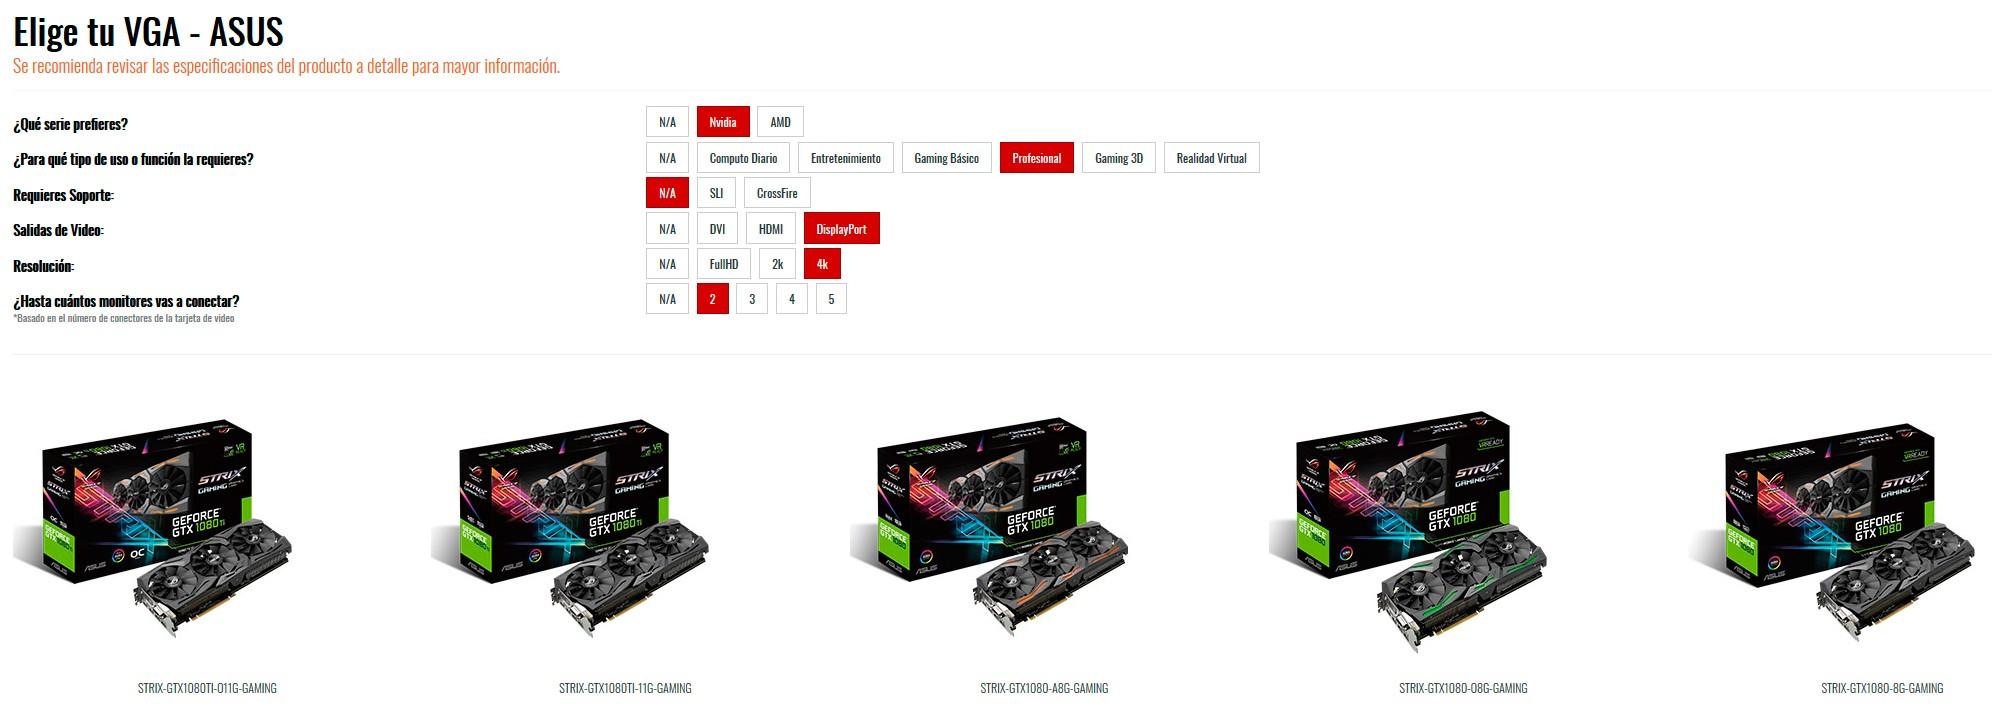 Resultado de imagen para ASUS te ayuda a elegir la Tarjeta de Video que necesitas.